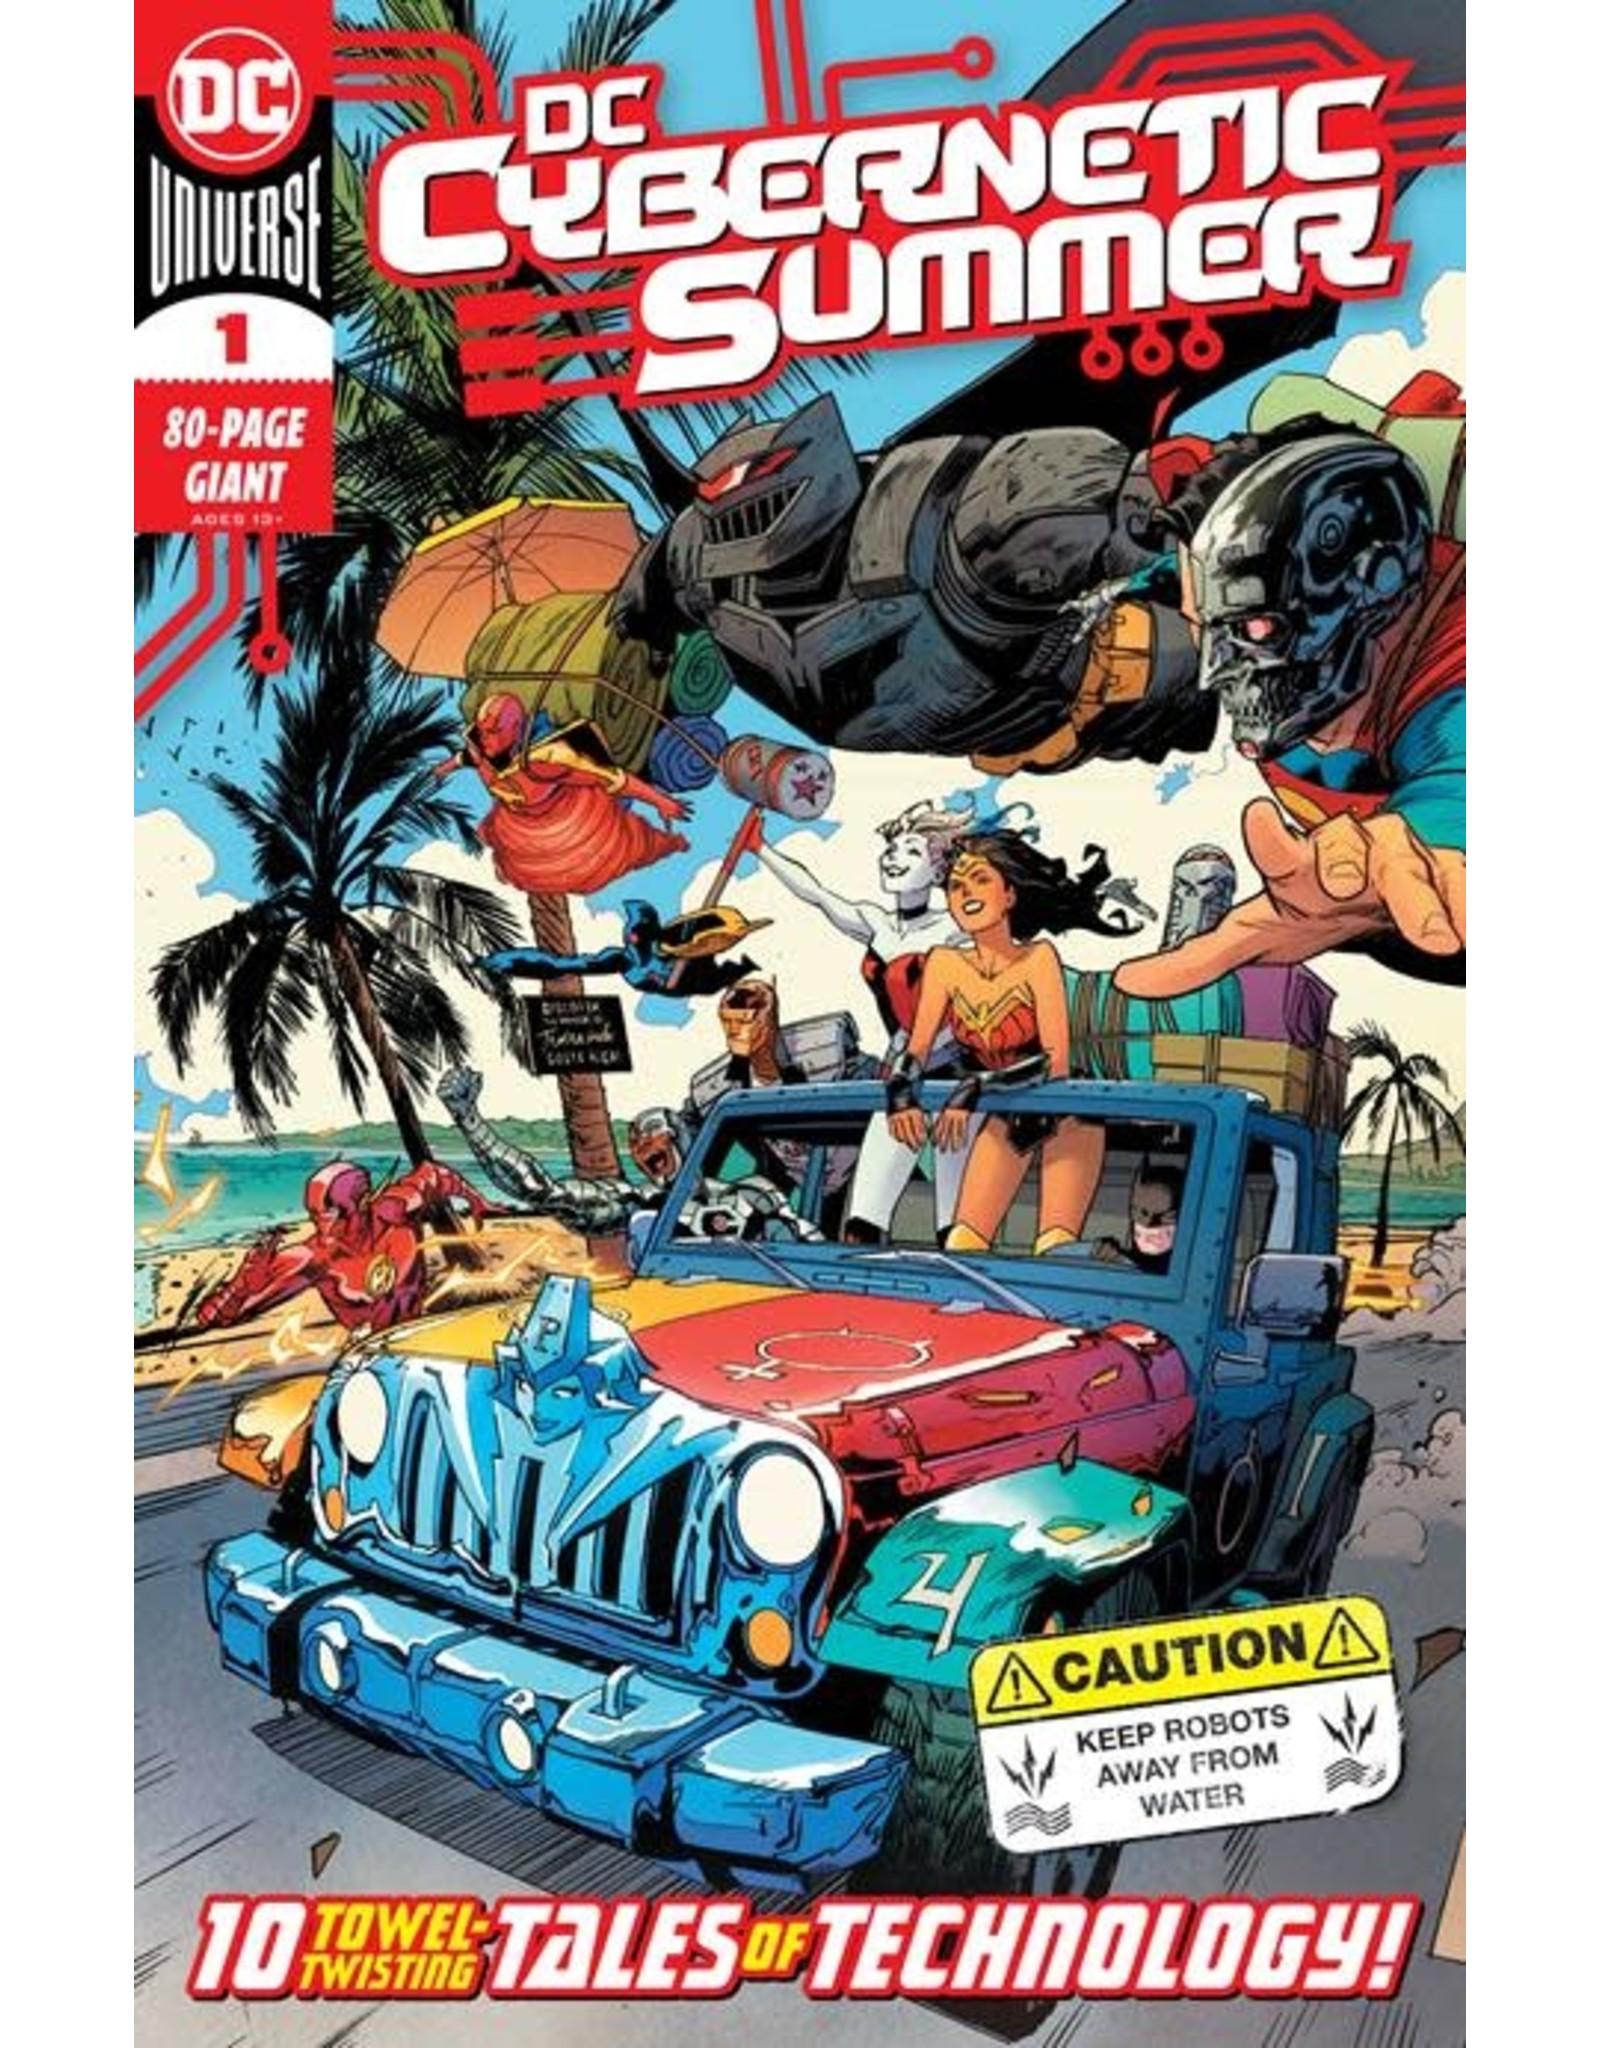 DC COMICS DC CYBERNETIC SUMMER #1